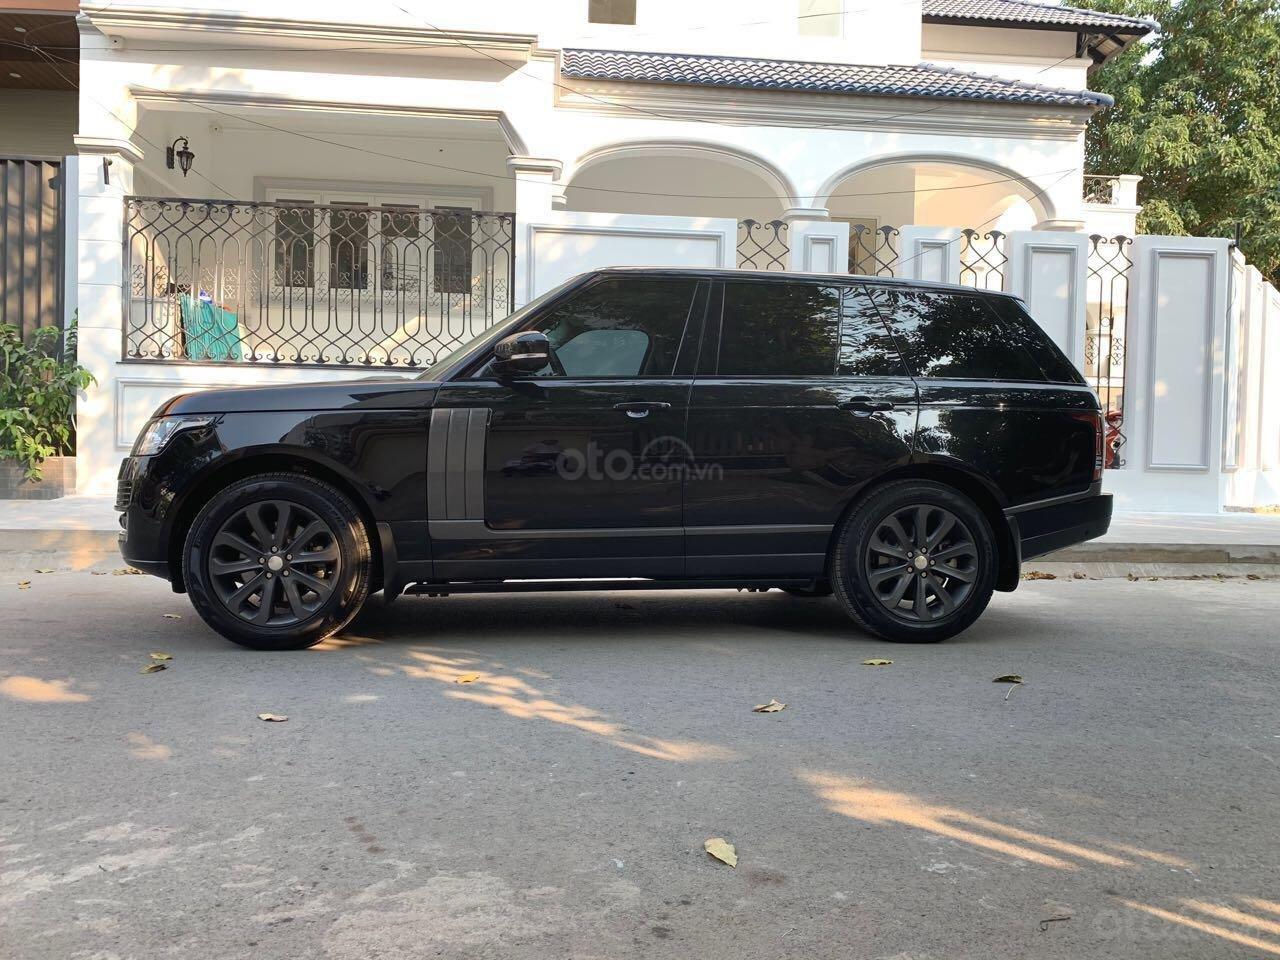 Chính chủ bán giá xe Range Rover Vogue màu đen 2015 xe đẹp giá tốt 093 2222253-0